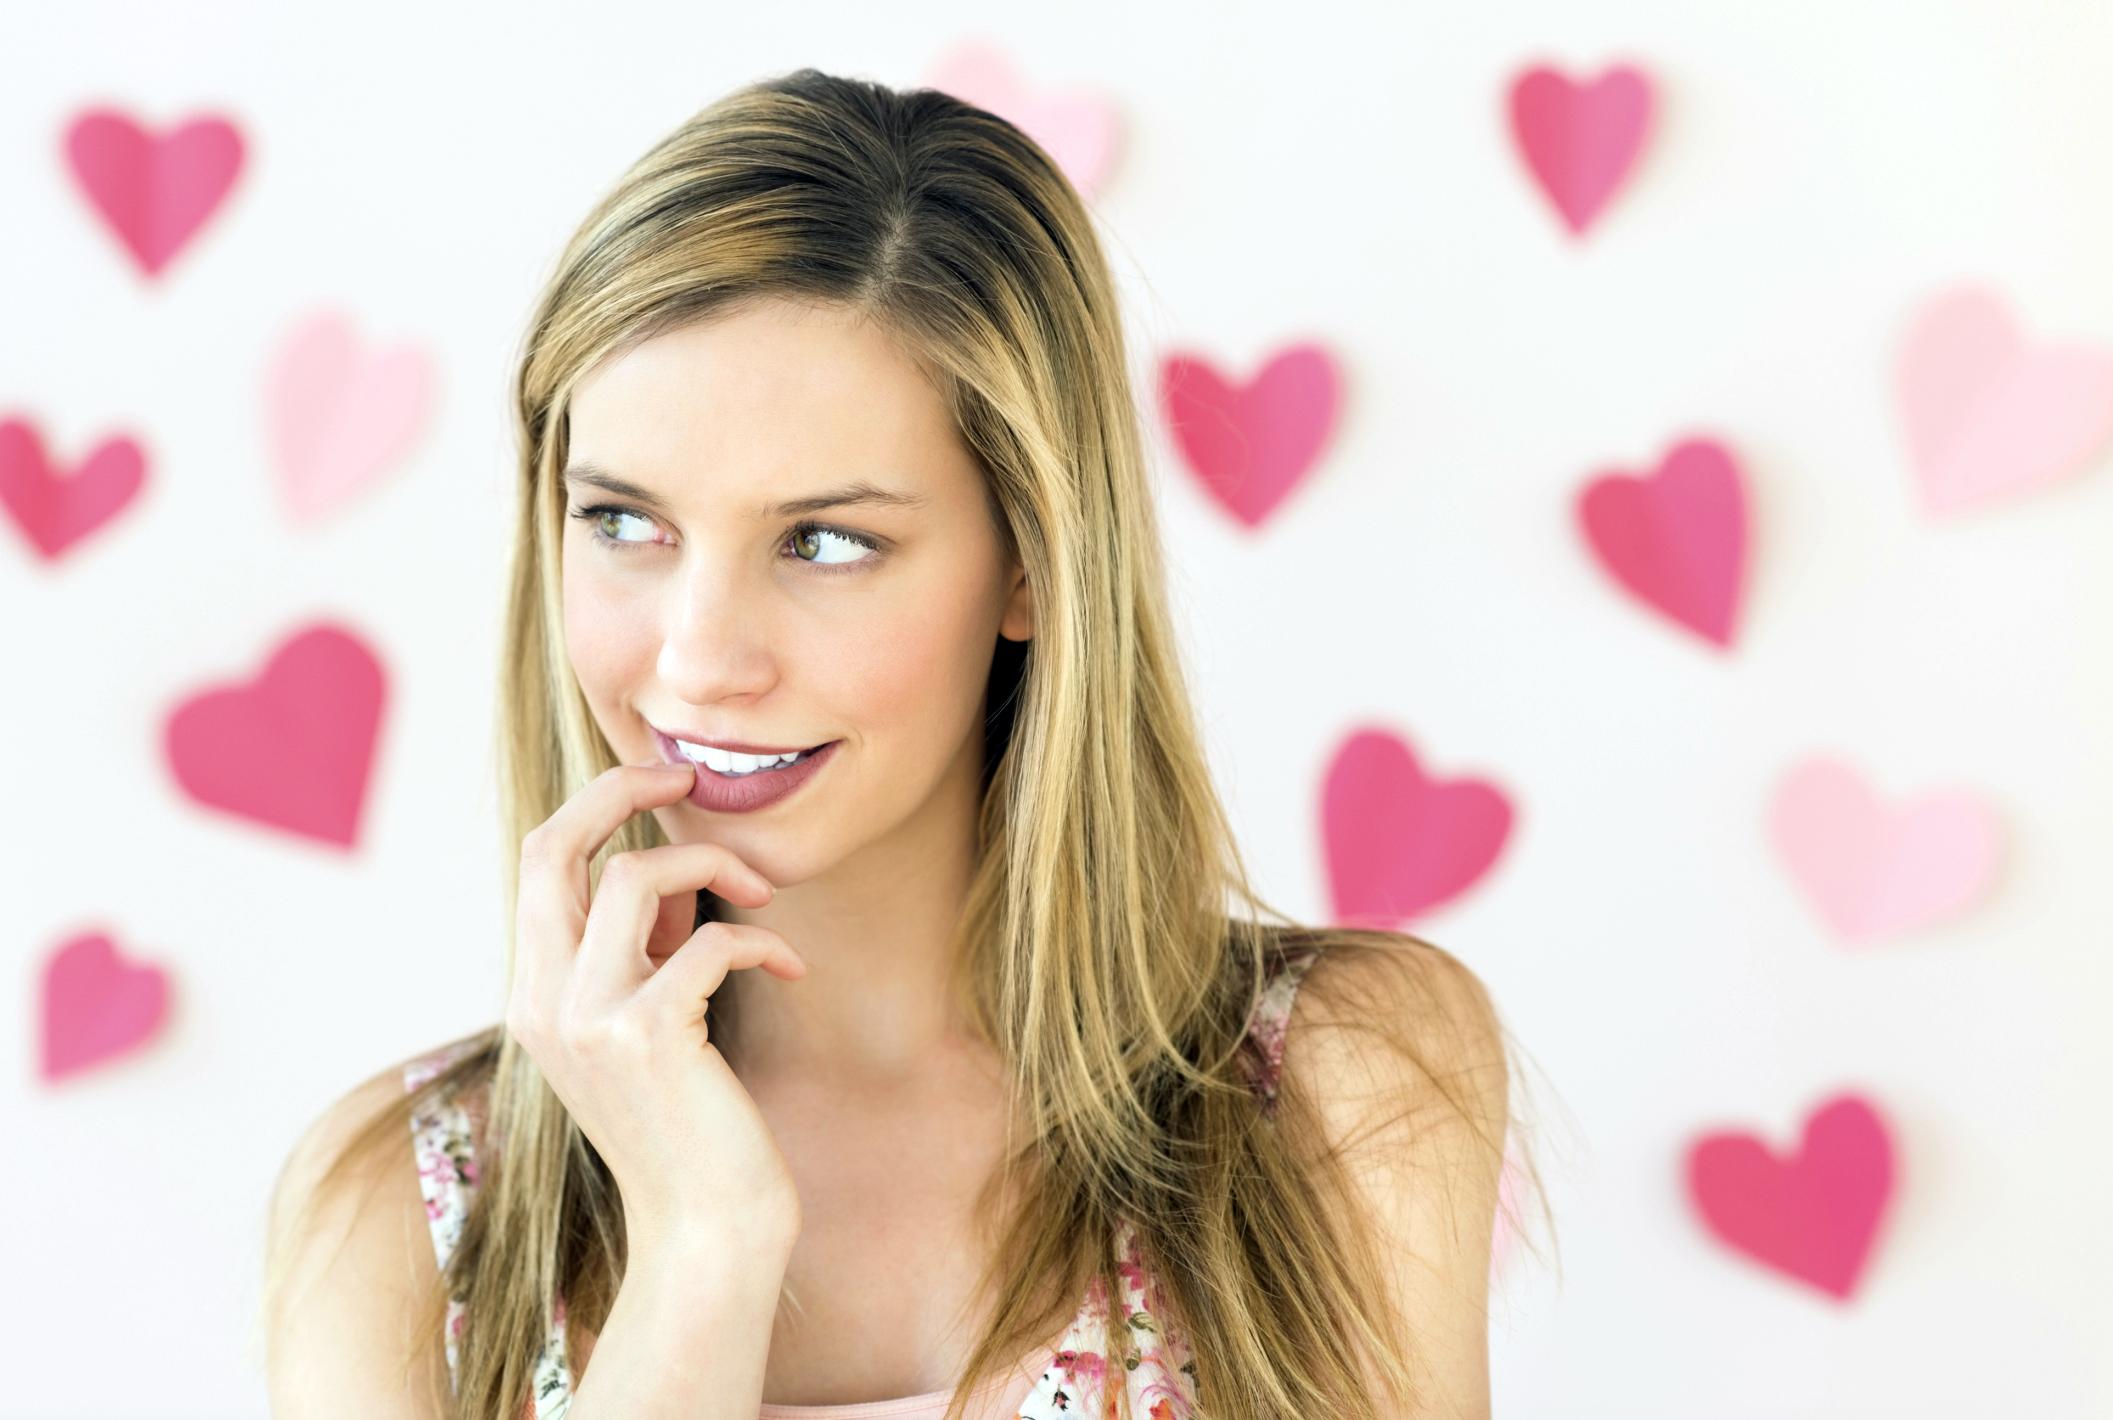 Ismerkedés valakivel hosszú távú kapcsolat után